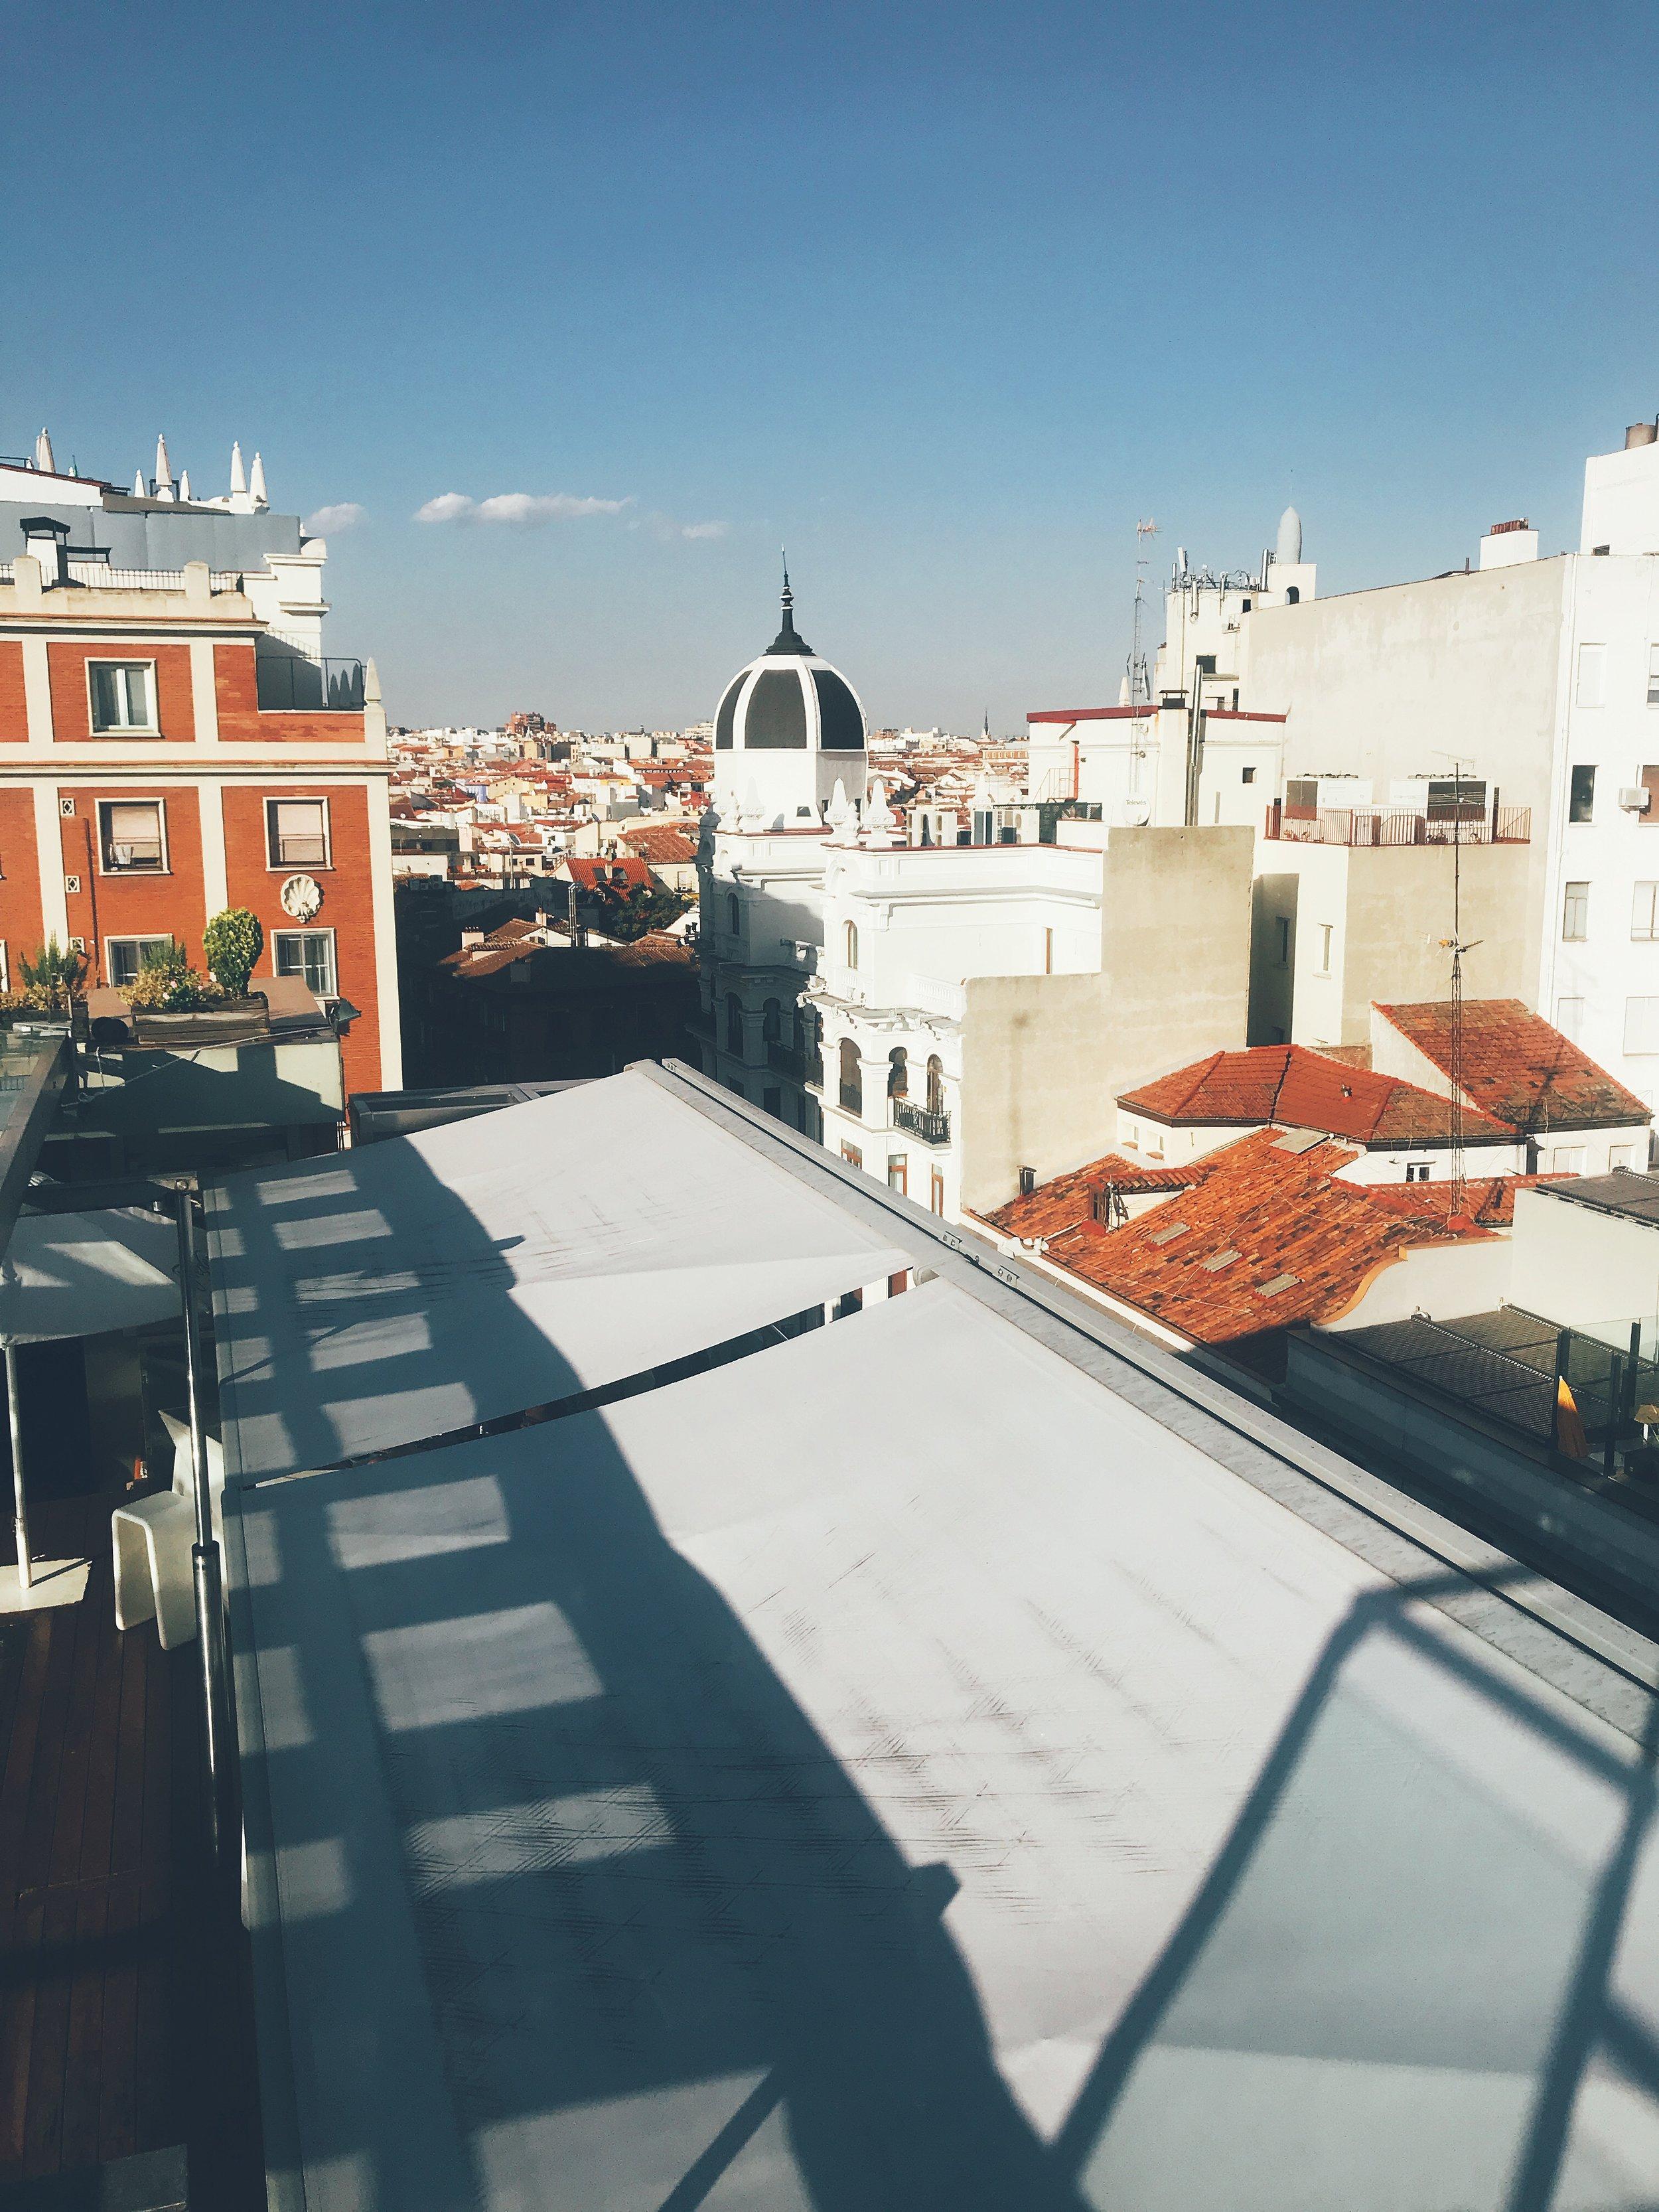 Olé - Madrid, Spain